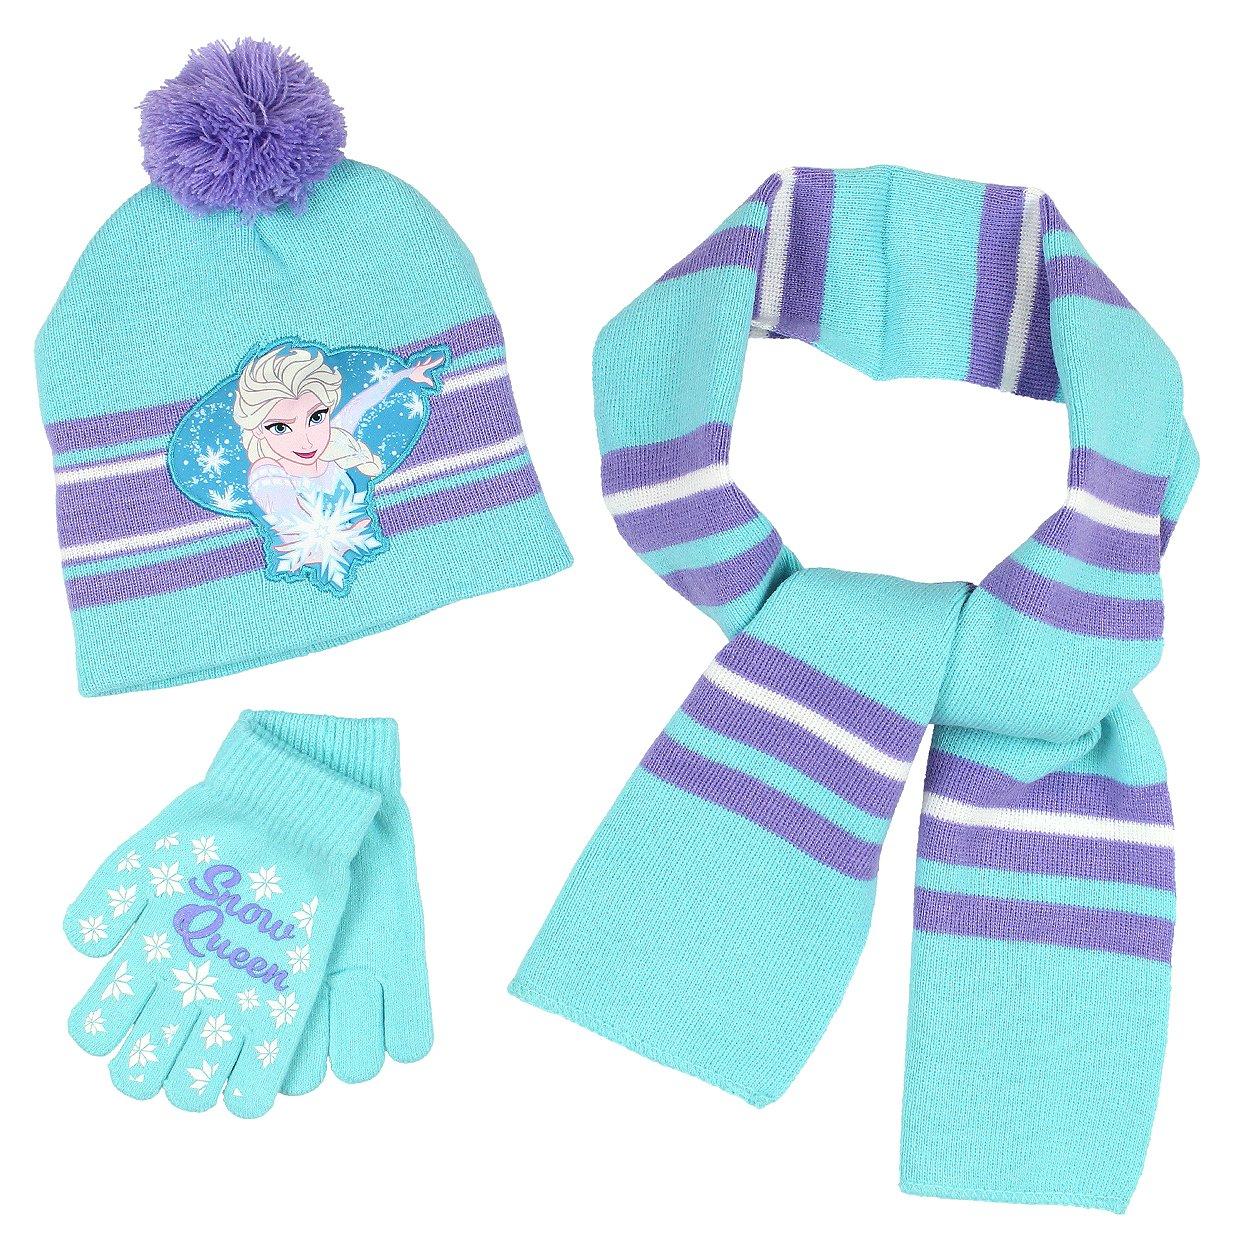 Frozen Elsa Girls 3 piece Beanie Hat Gloves and Scarf Set Blue)